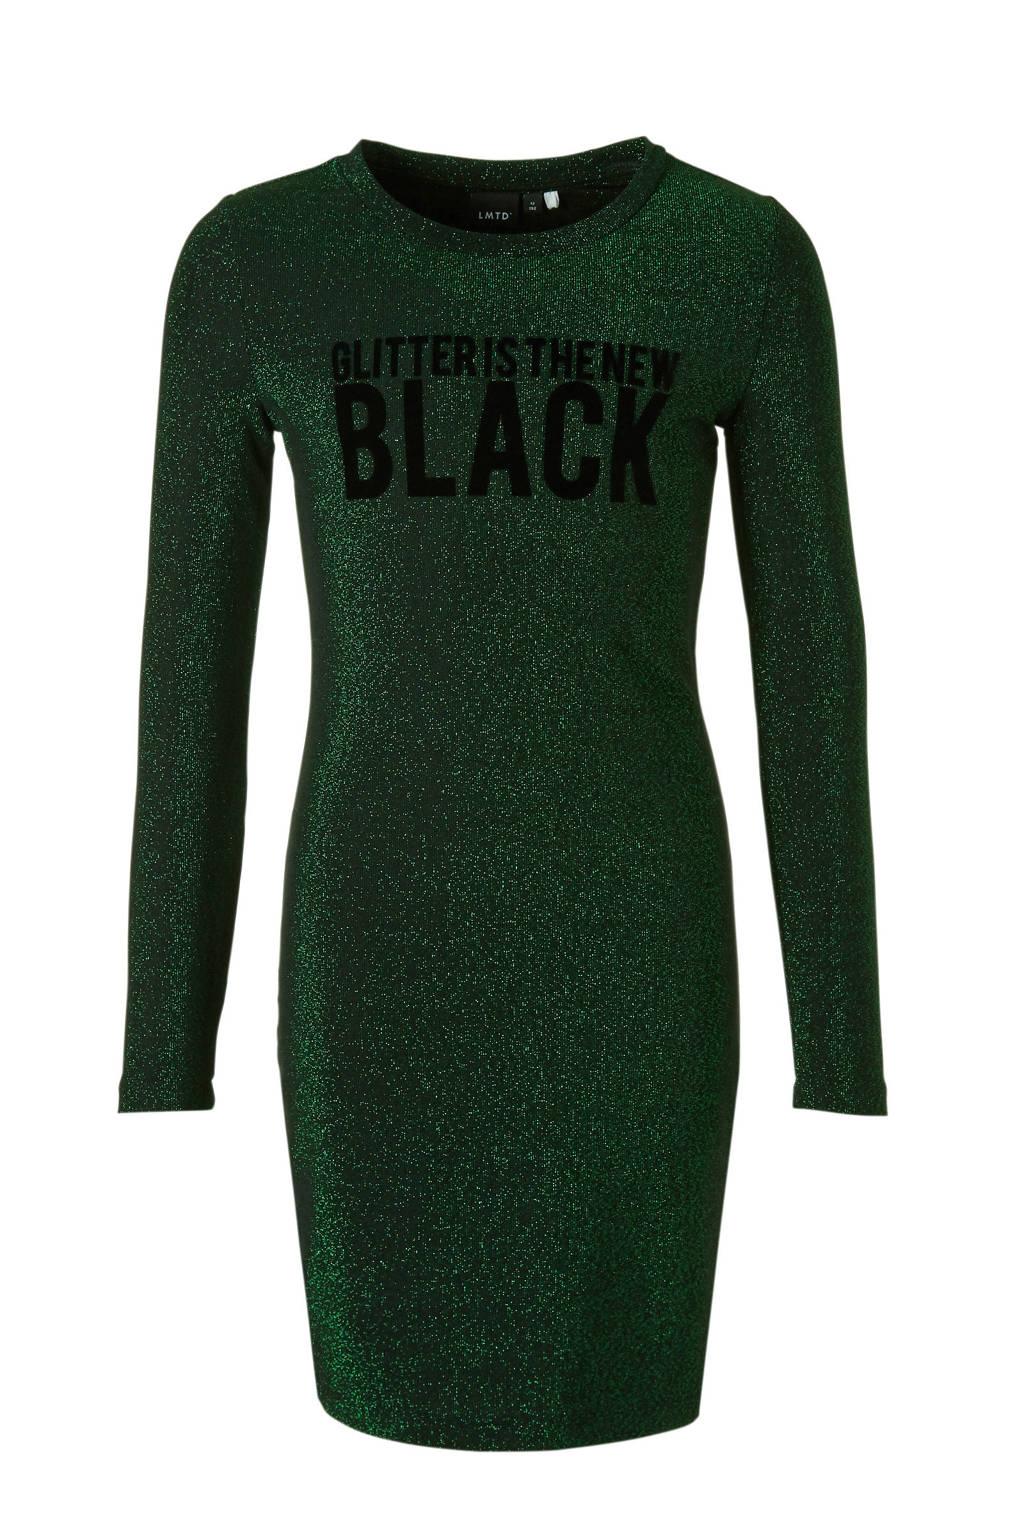 LMTD glitterjurk Siga groen, Groen/zwart